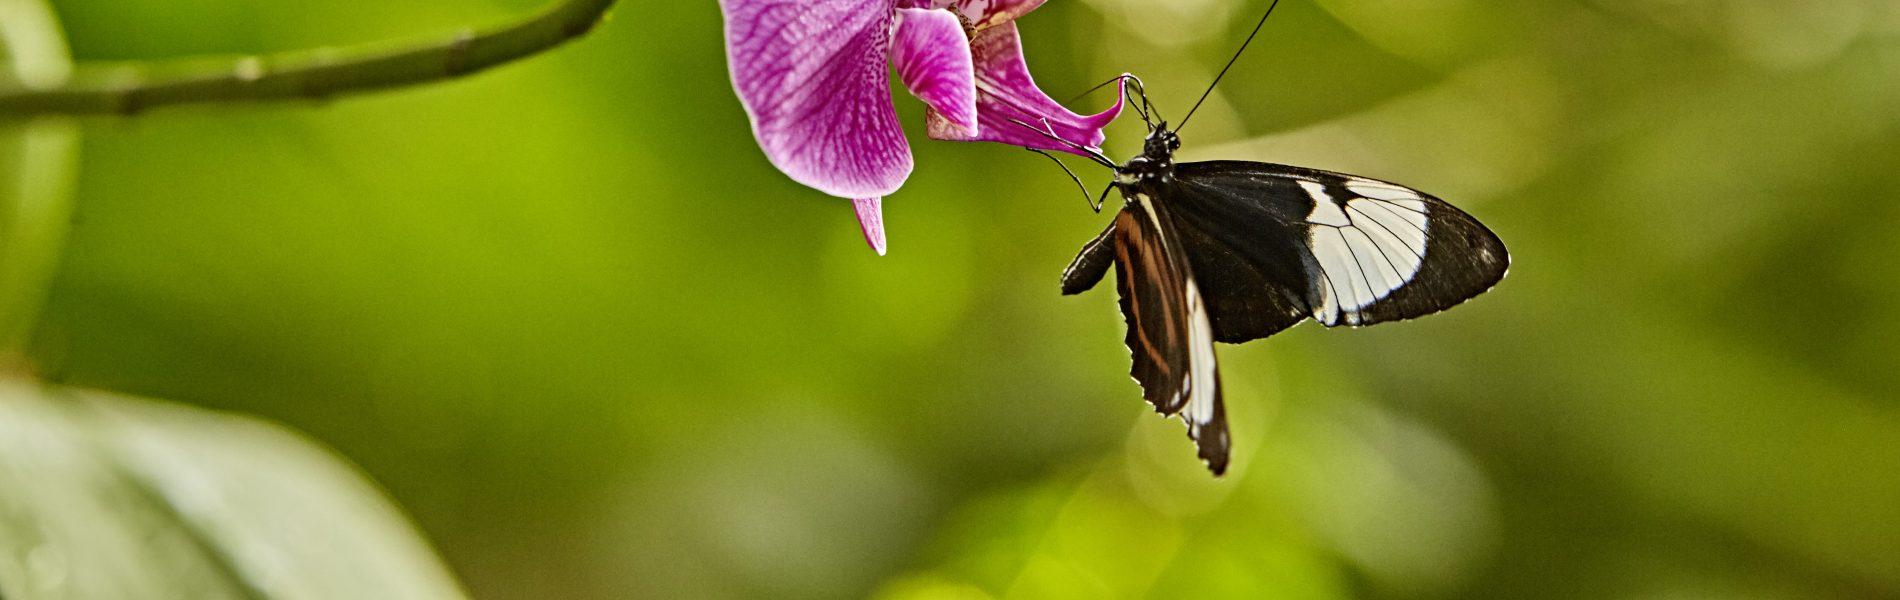 Das Bild zeigt einen Schmetterlink auf einer rosanen Blüte. Der Hintergrund des Bildes ist grün.